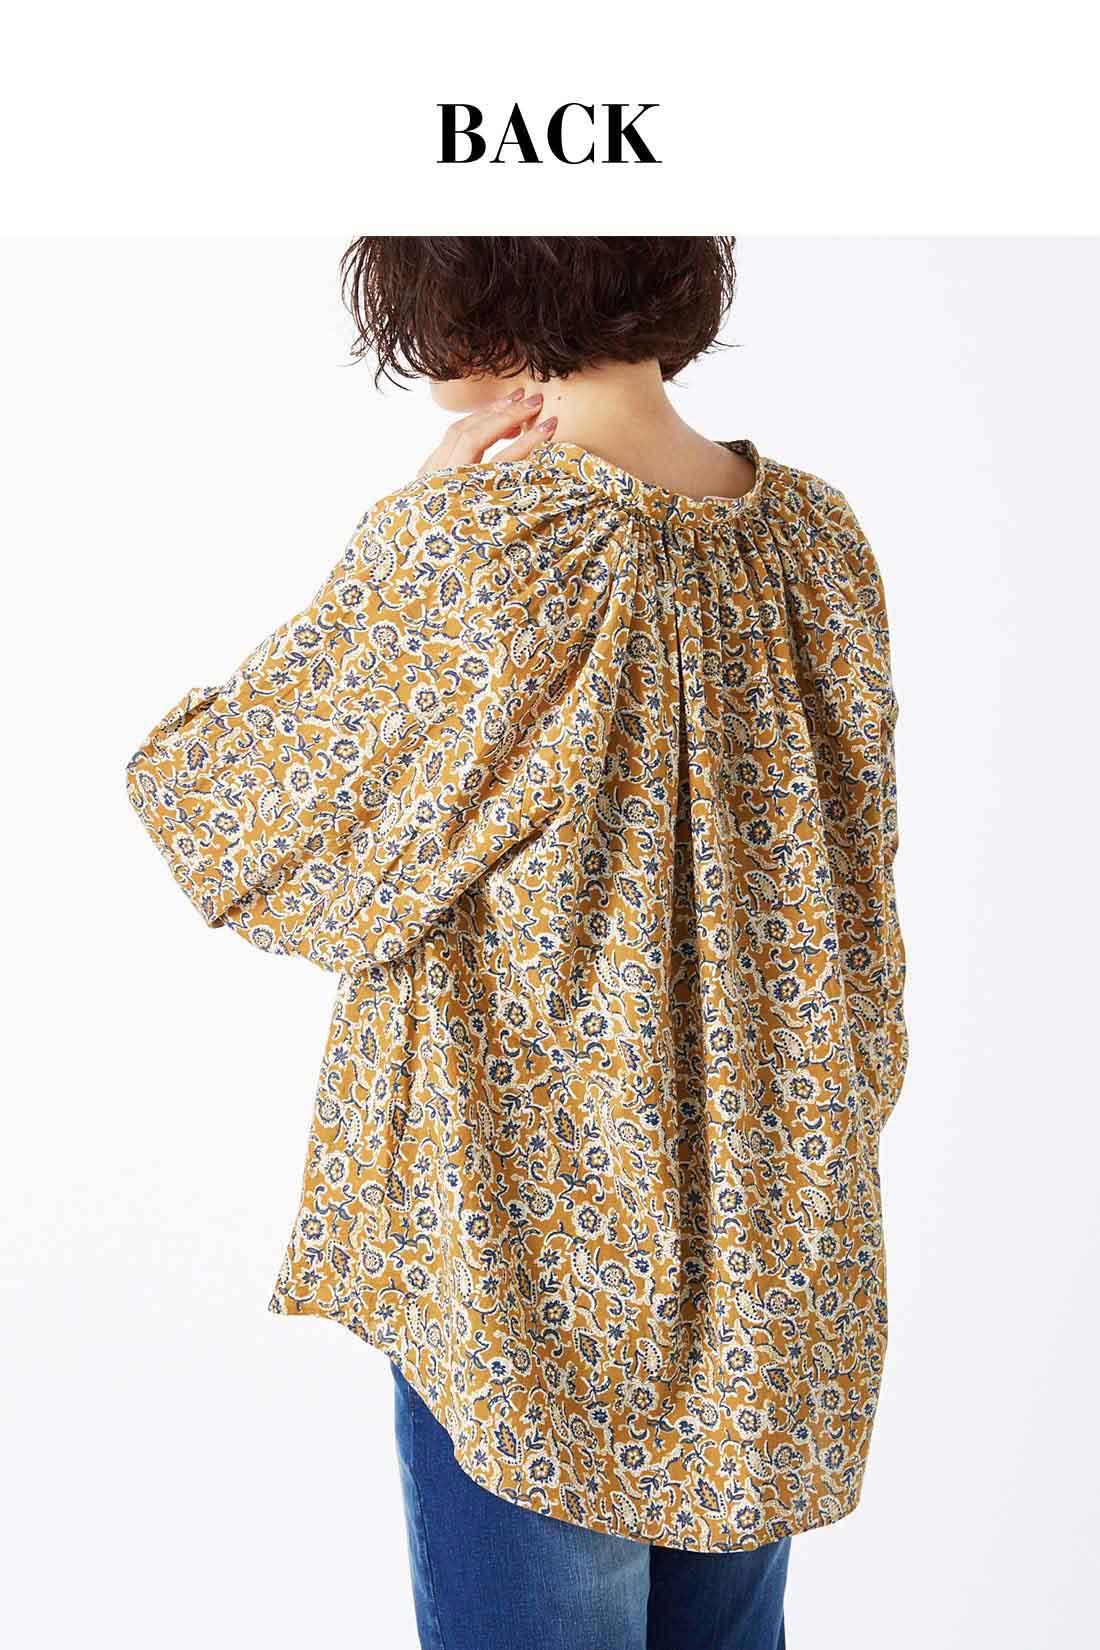 バックにもギャザーを贅沢に入れてふんわり感を演出。すぽっと着るだけで衿足あたりの抜け感がいい感じに決まるデザイン。